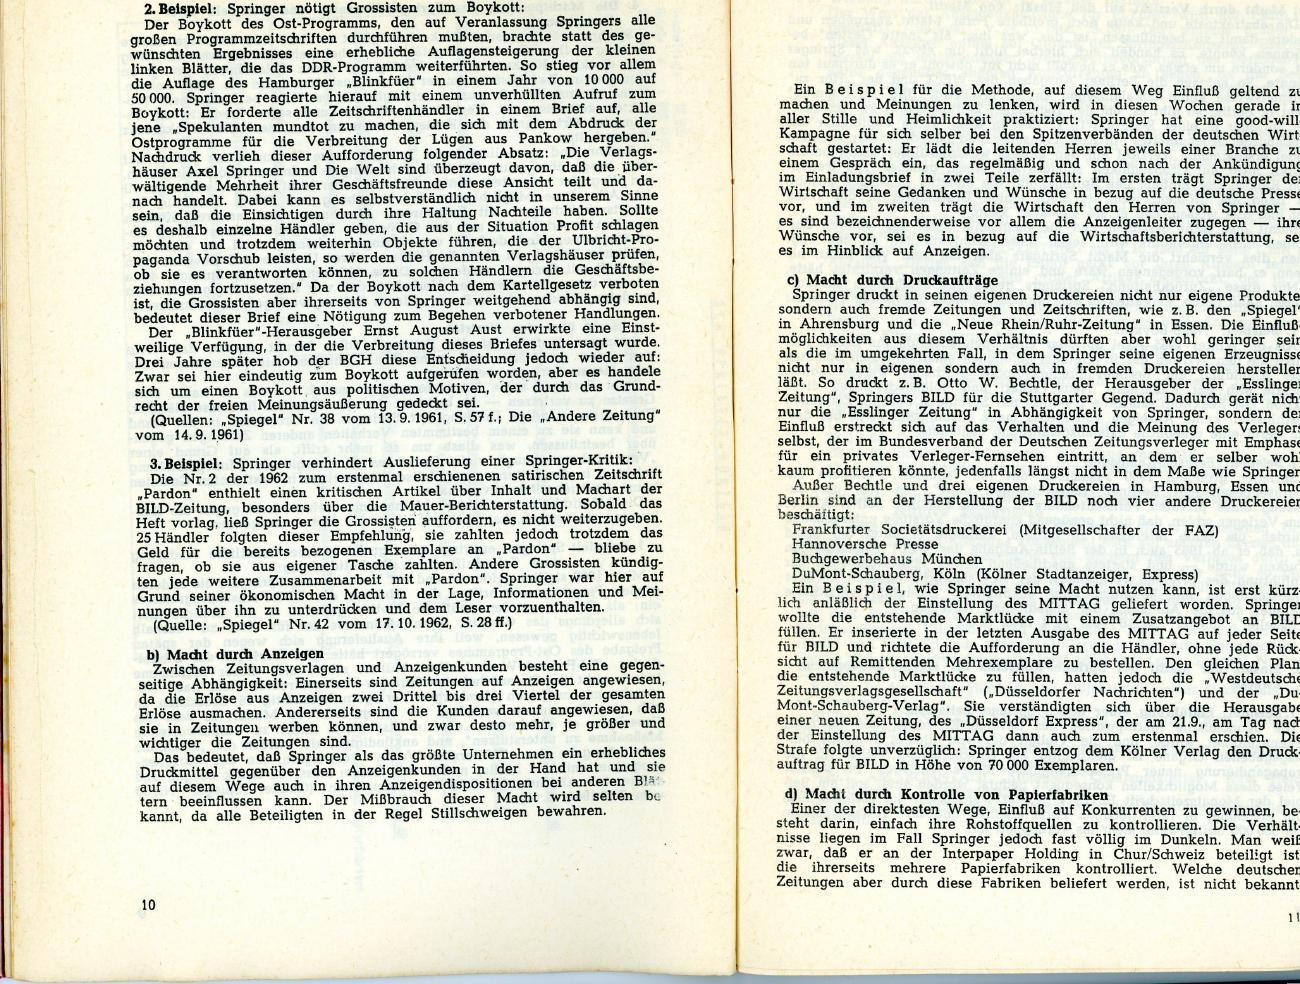 Berlin_RC_1967_Springer_enteignen_08